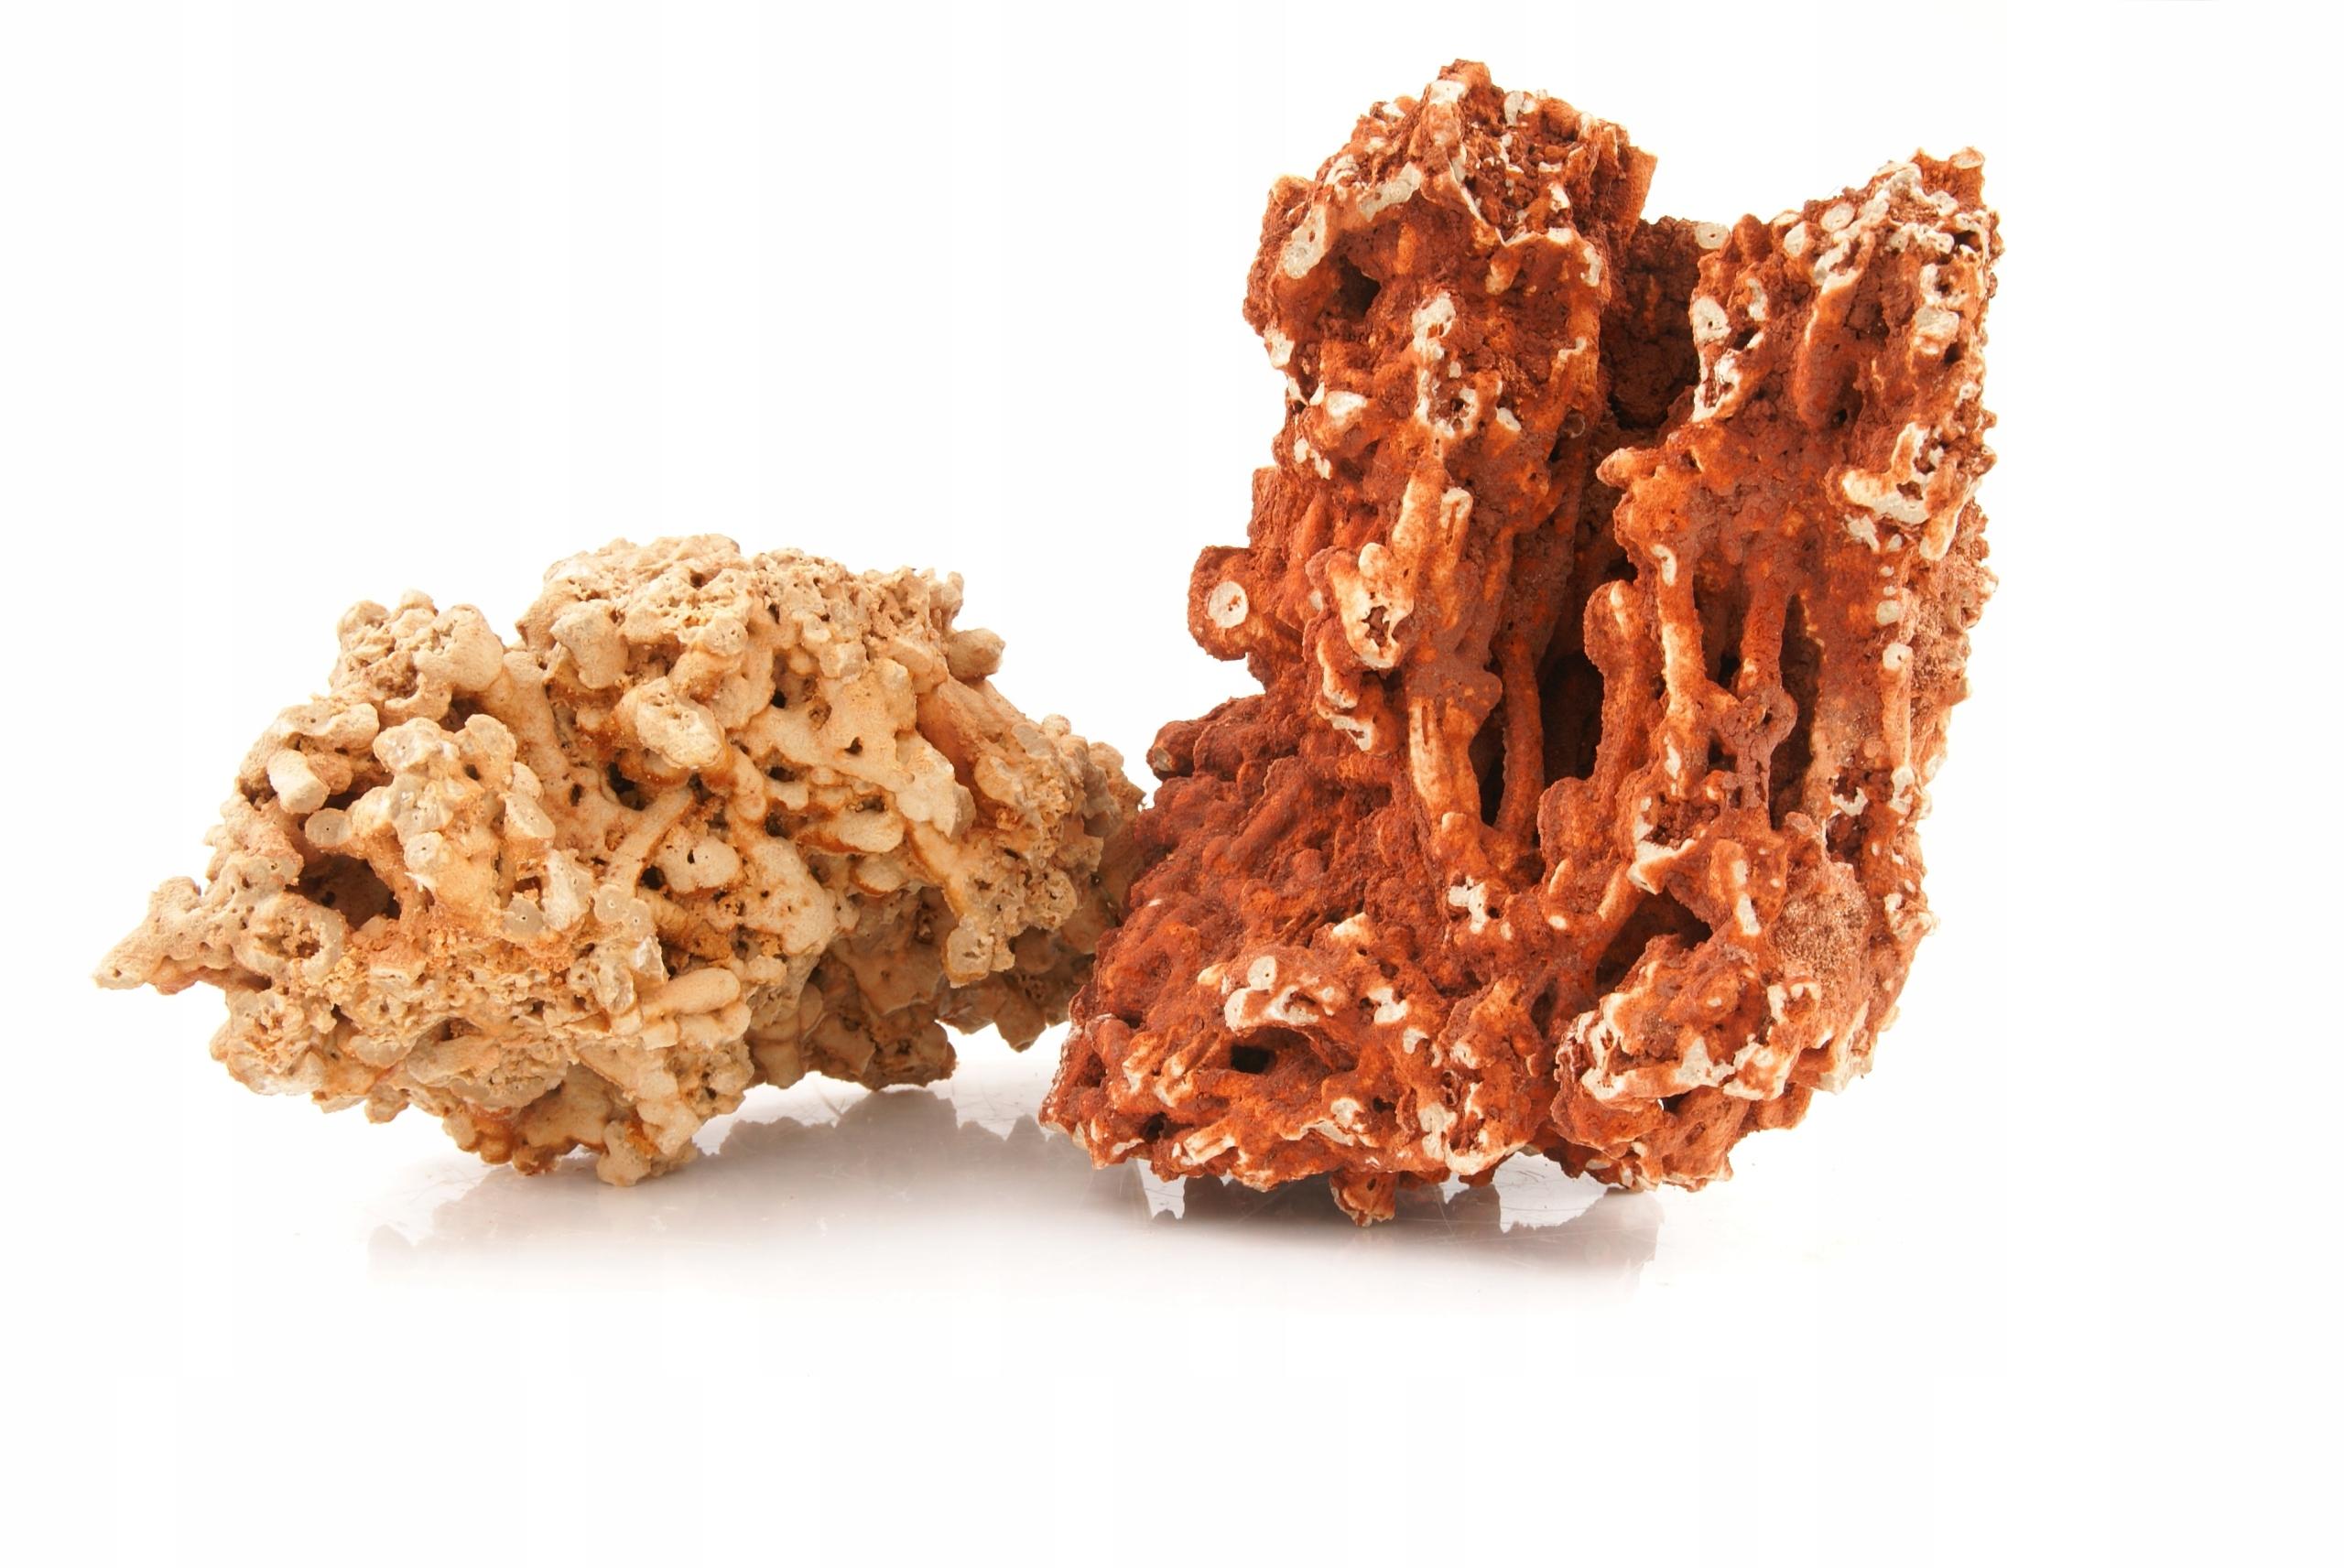 Coral Vápna, sadry XXL Akvárium Kit 25 kg